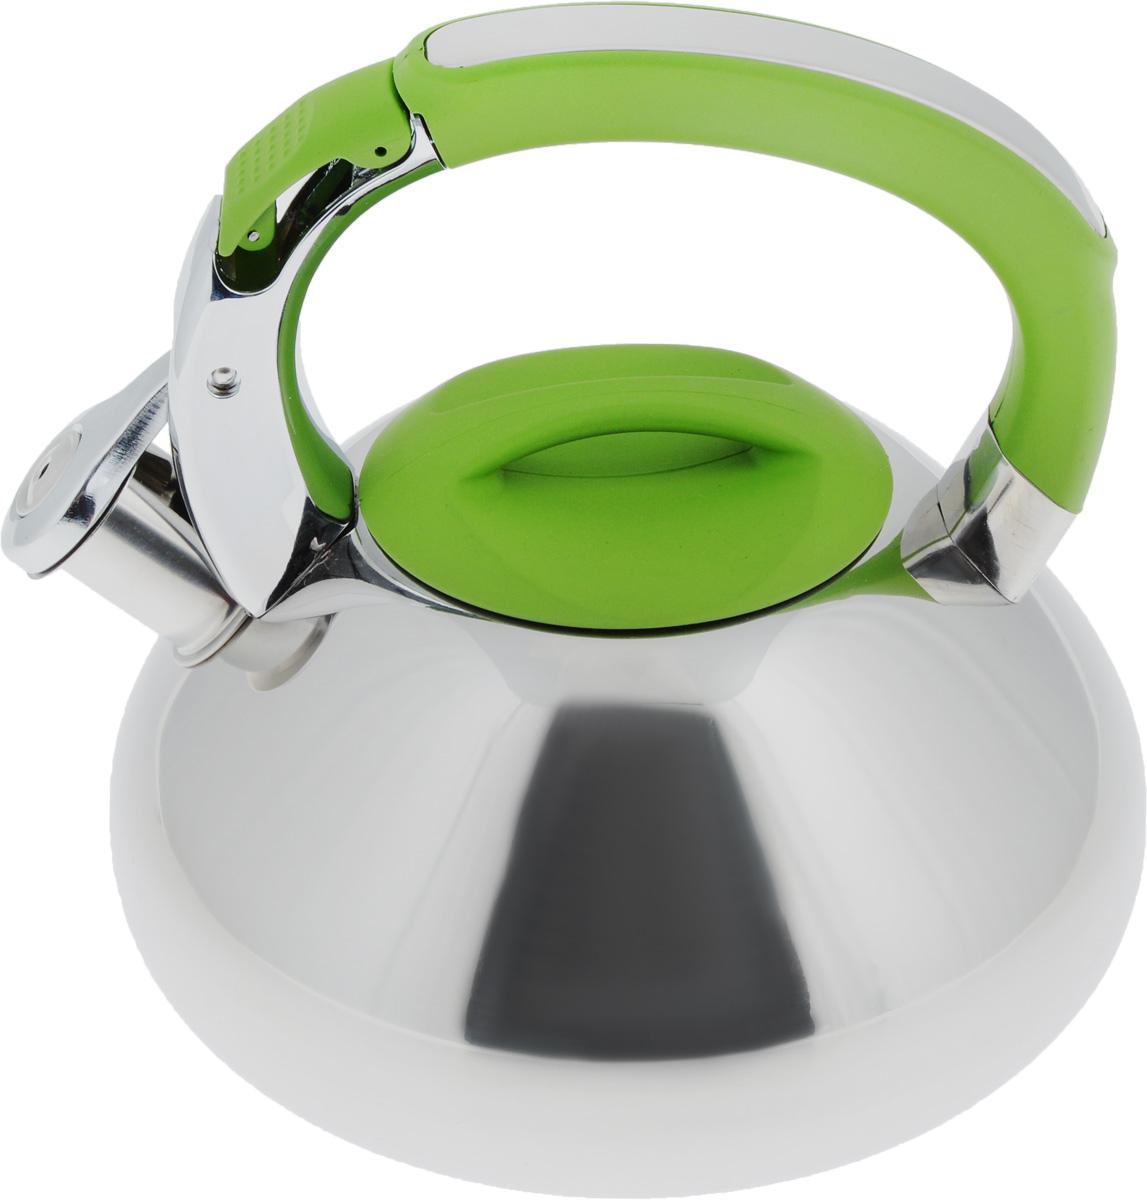 Чайник Mayer & Boch, со свистком, цвет: зеленый, 2,9 л. 2359123591Чайник Mayer & Boch выполнен из высококачественной нержавеющей стали, что обеспечивает долговечность использования. Внешнее зеркальное покрытие придает приятный внешний вид. Фиксированная ручка из нейлона делает использование чайника очень удобным и безопасным. Чайник снабжен свистком и устройством для открывания носика, которое находится на ручке. Можно мыть в посудомоечной машине. Пригоден для всех видов плит, включая индукционные. Высота чайника (без учета крышки и ручки): 11,5 см. Высота чайника (с учетом ручки и крышки): 21,5 см. Диаметр по верхнему краю: 10 см.